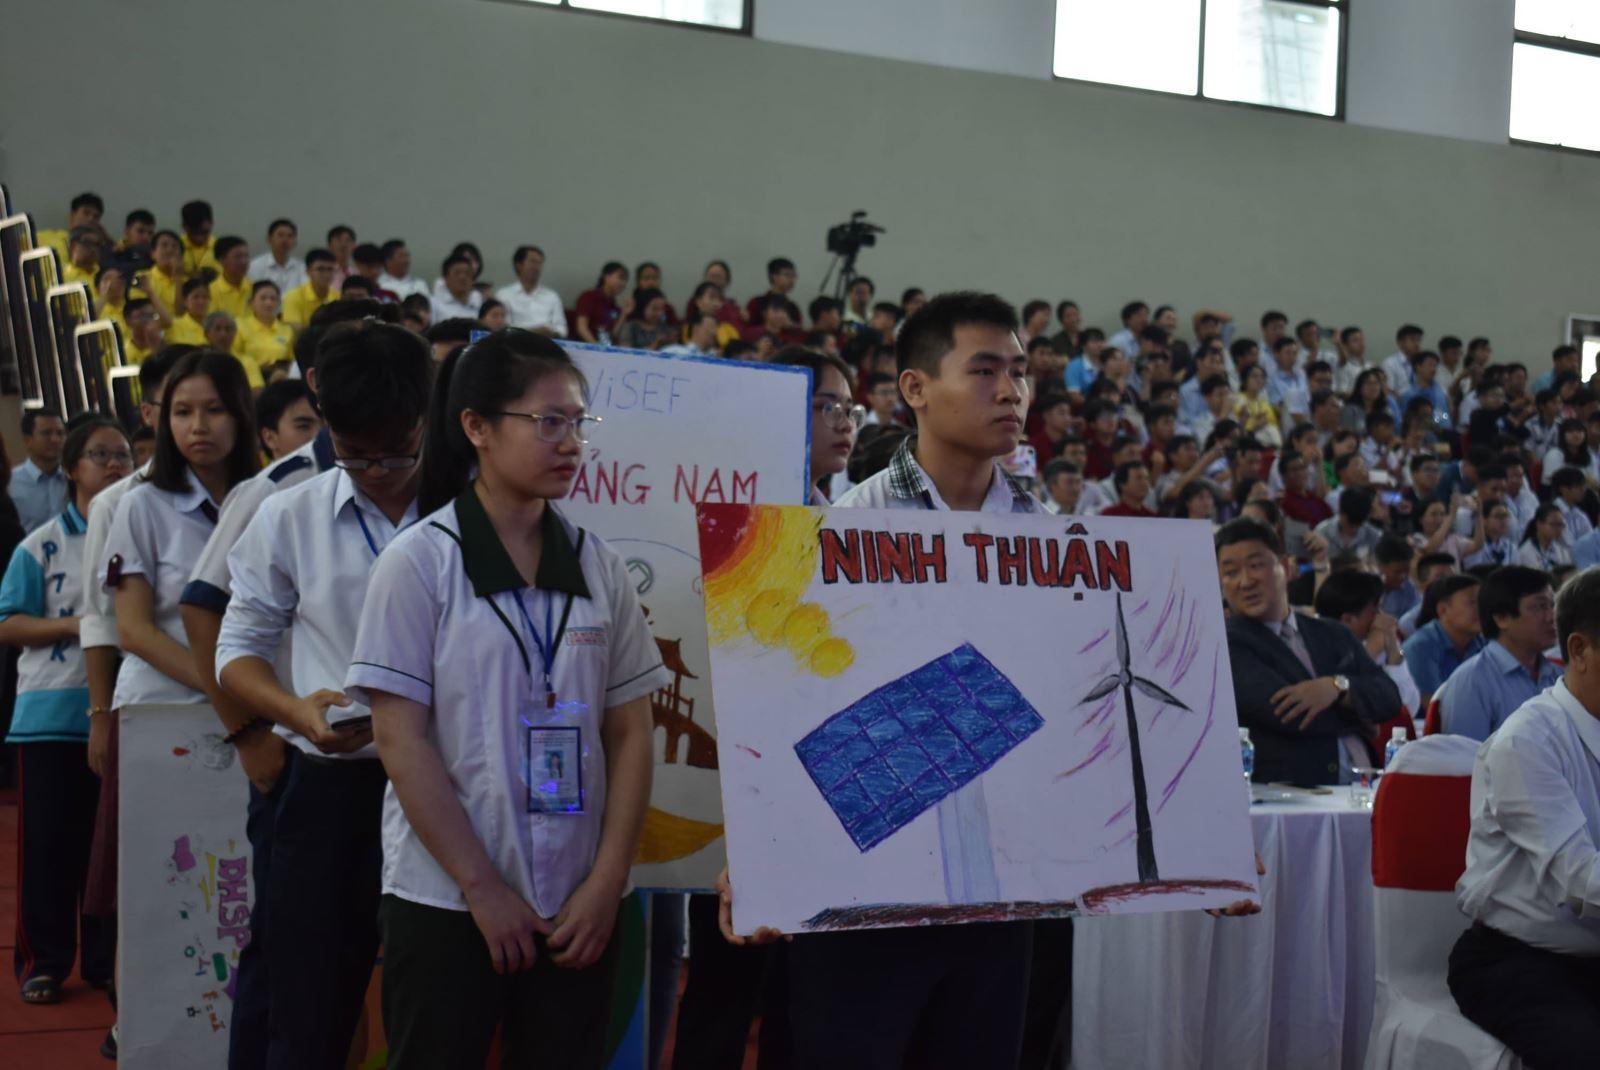 Khai mạc cuộc thi Khoa học kỹ thuật trung học cấp Quốc gia khu vực phía Nam Ảnh 1